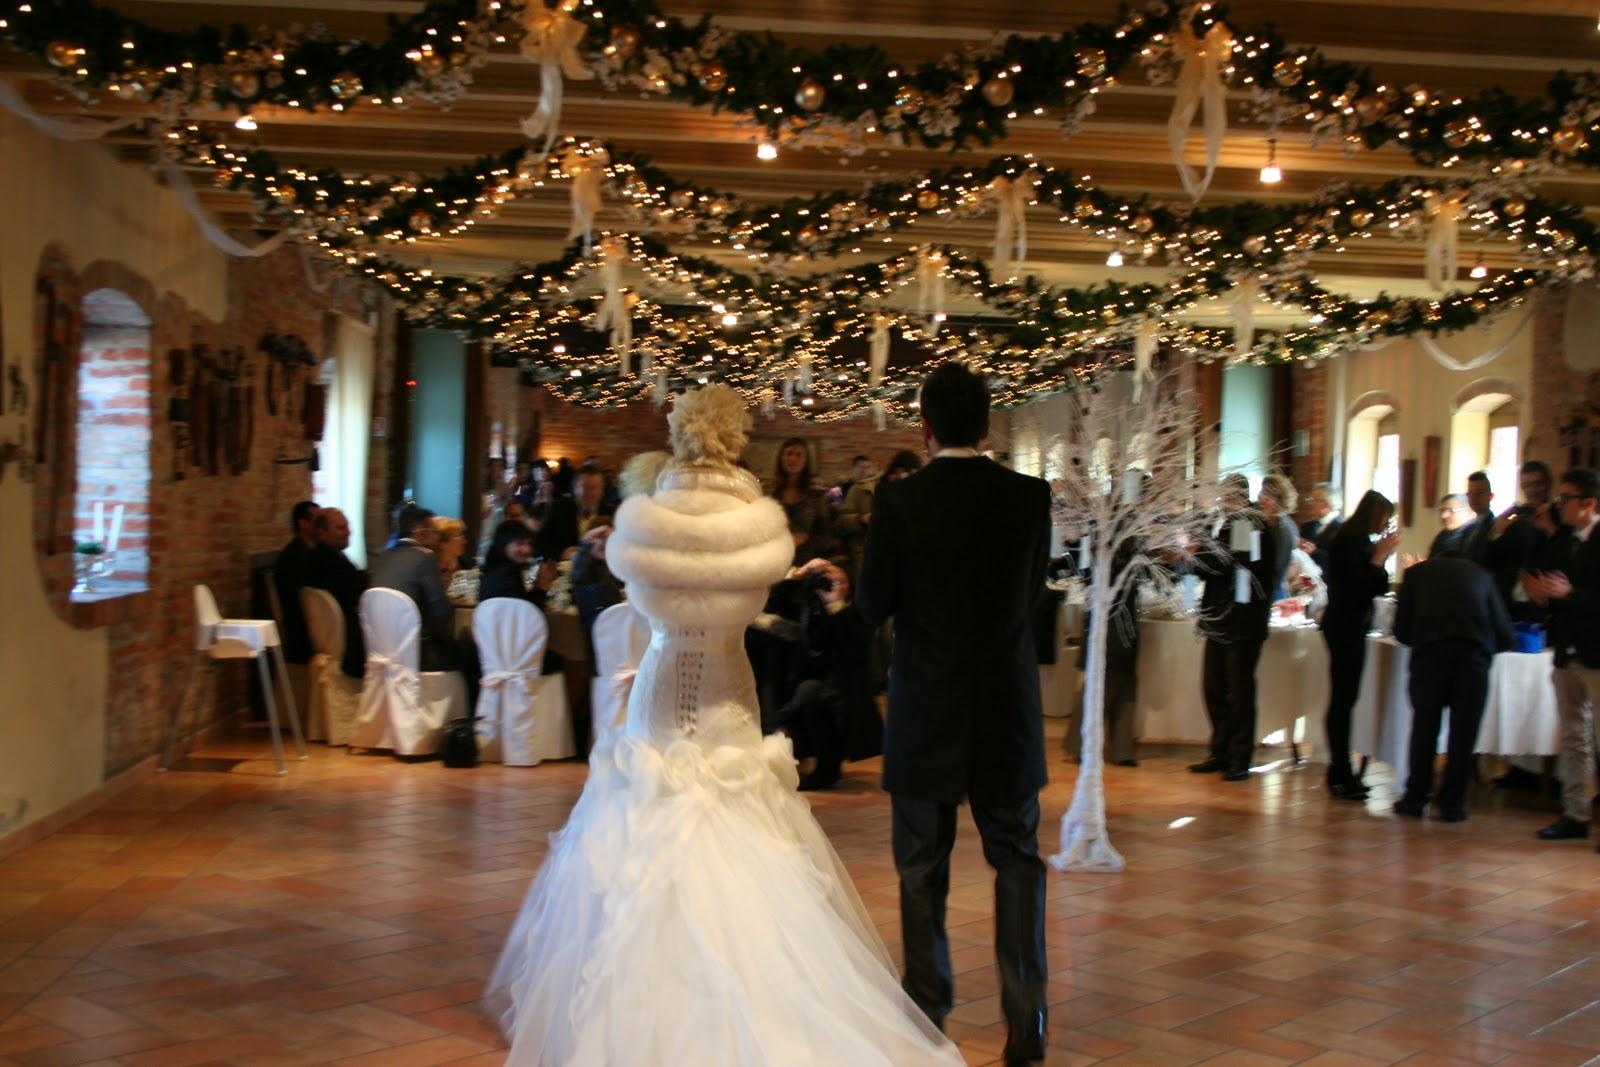 Matrimonio In Dicembre : Matrimonio d inverno le mille e una nozze wedding